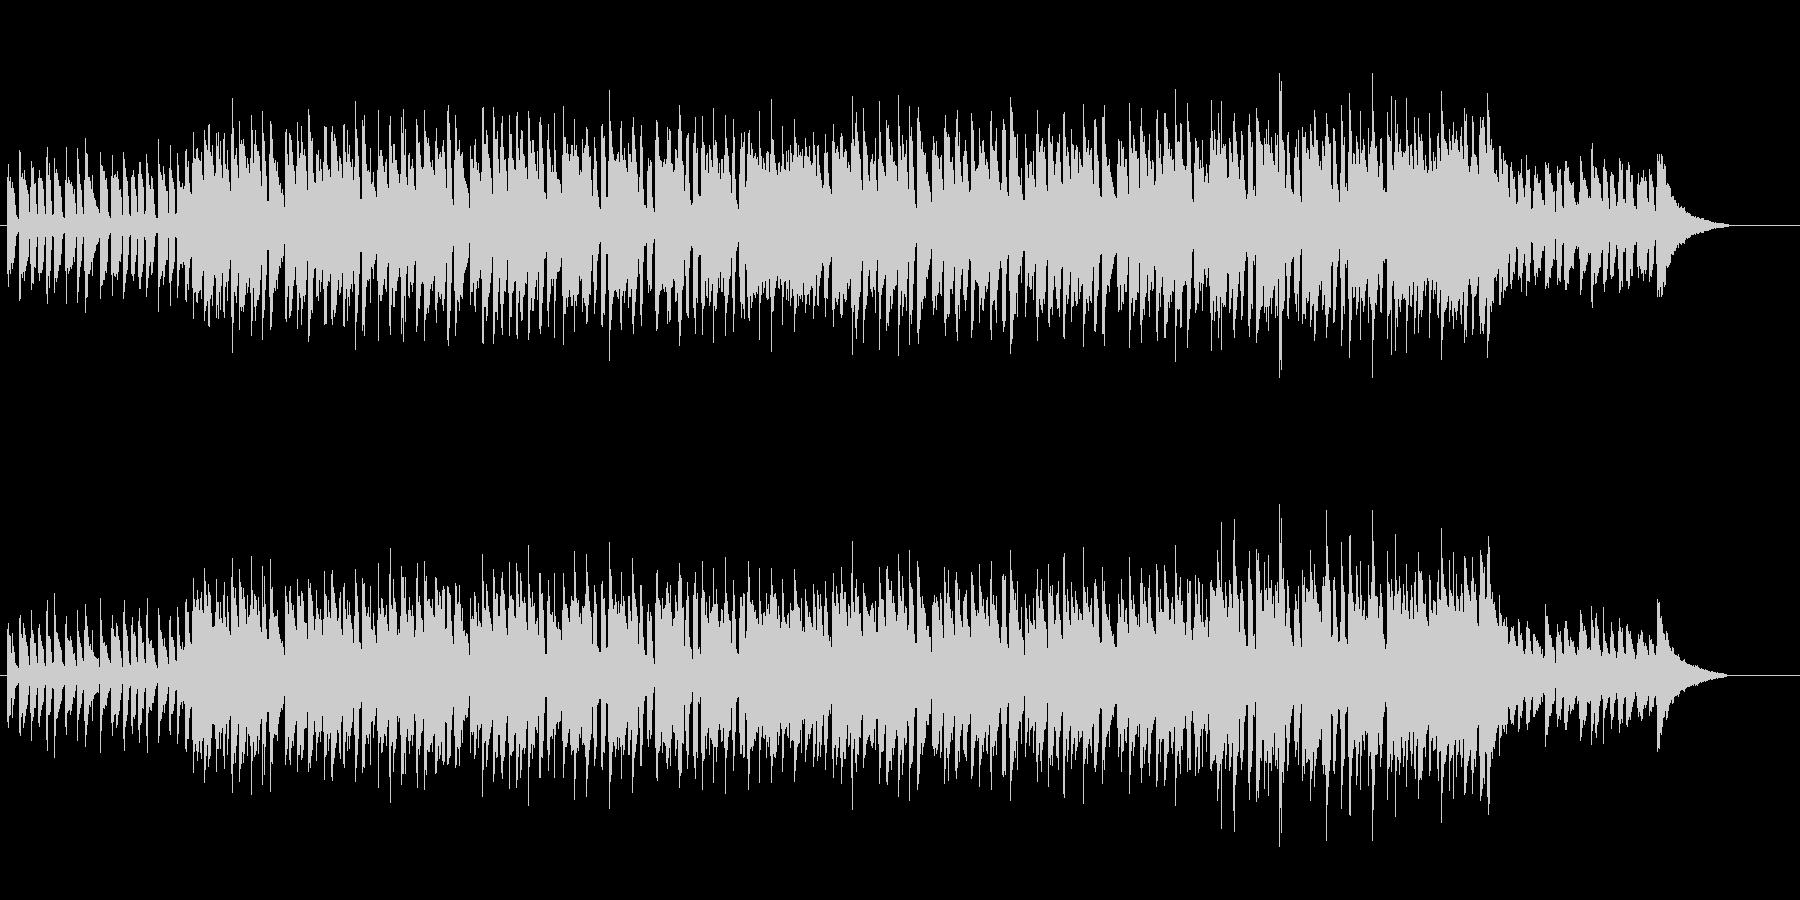 ソフトな音色のスイート・ポップの未再生の波形